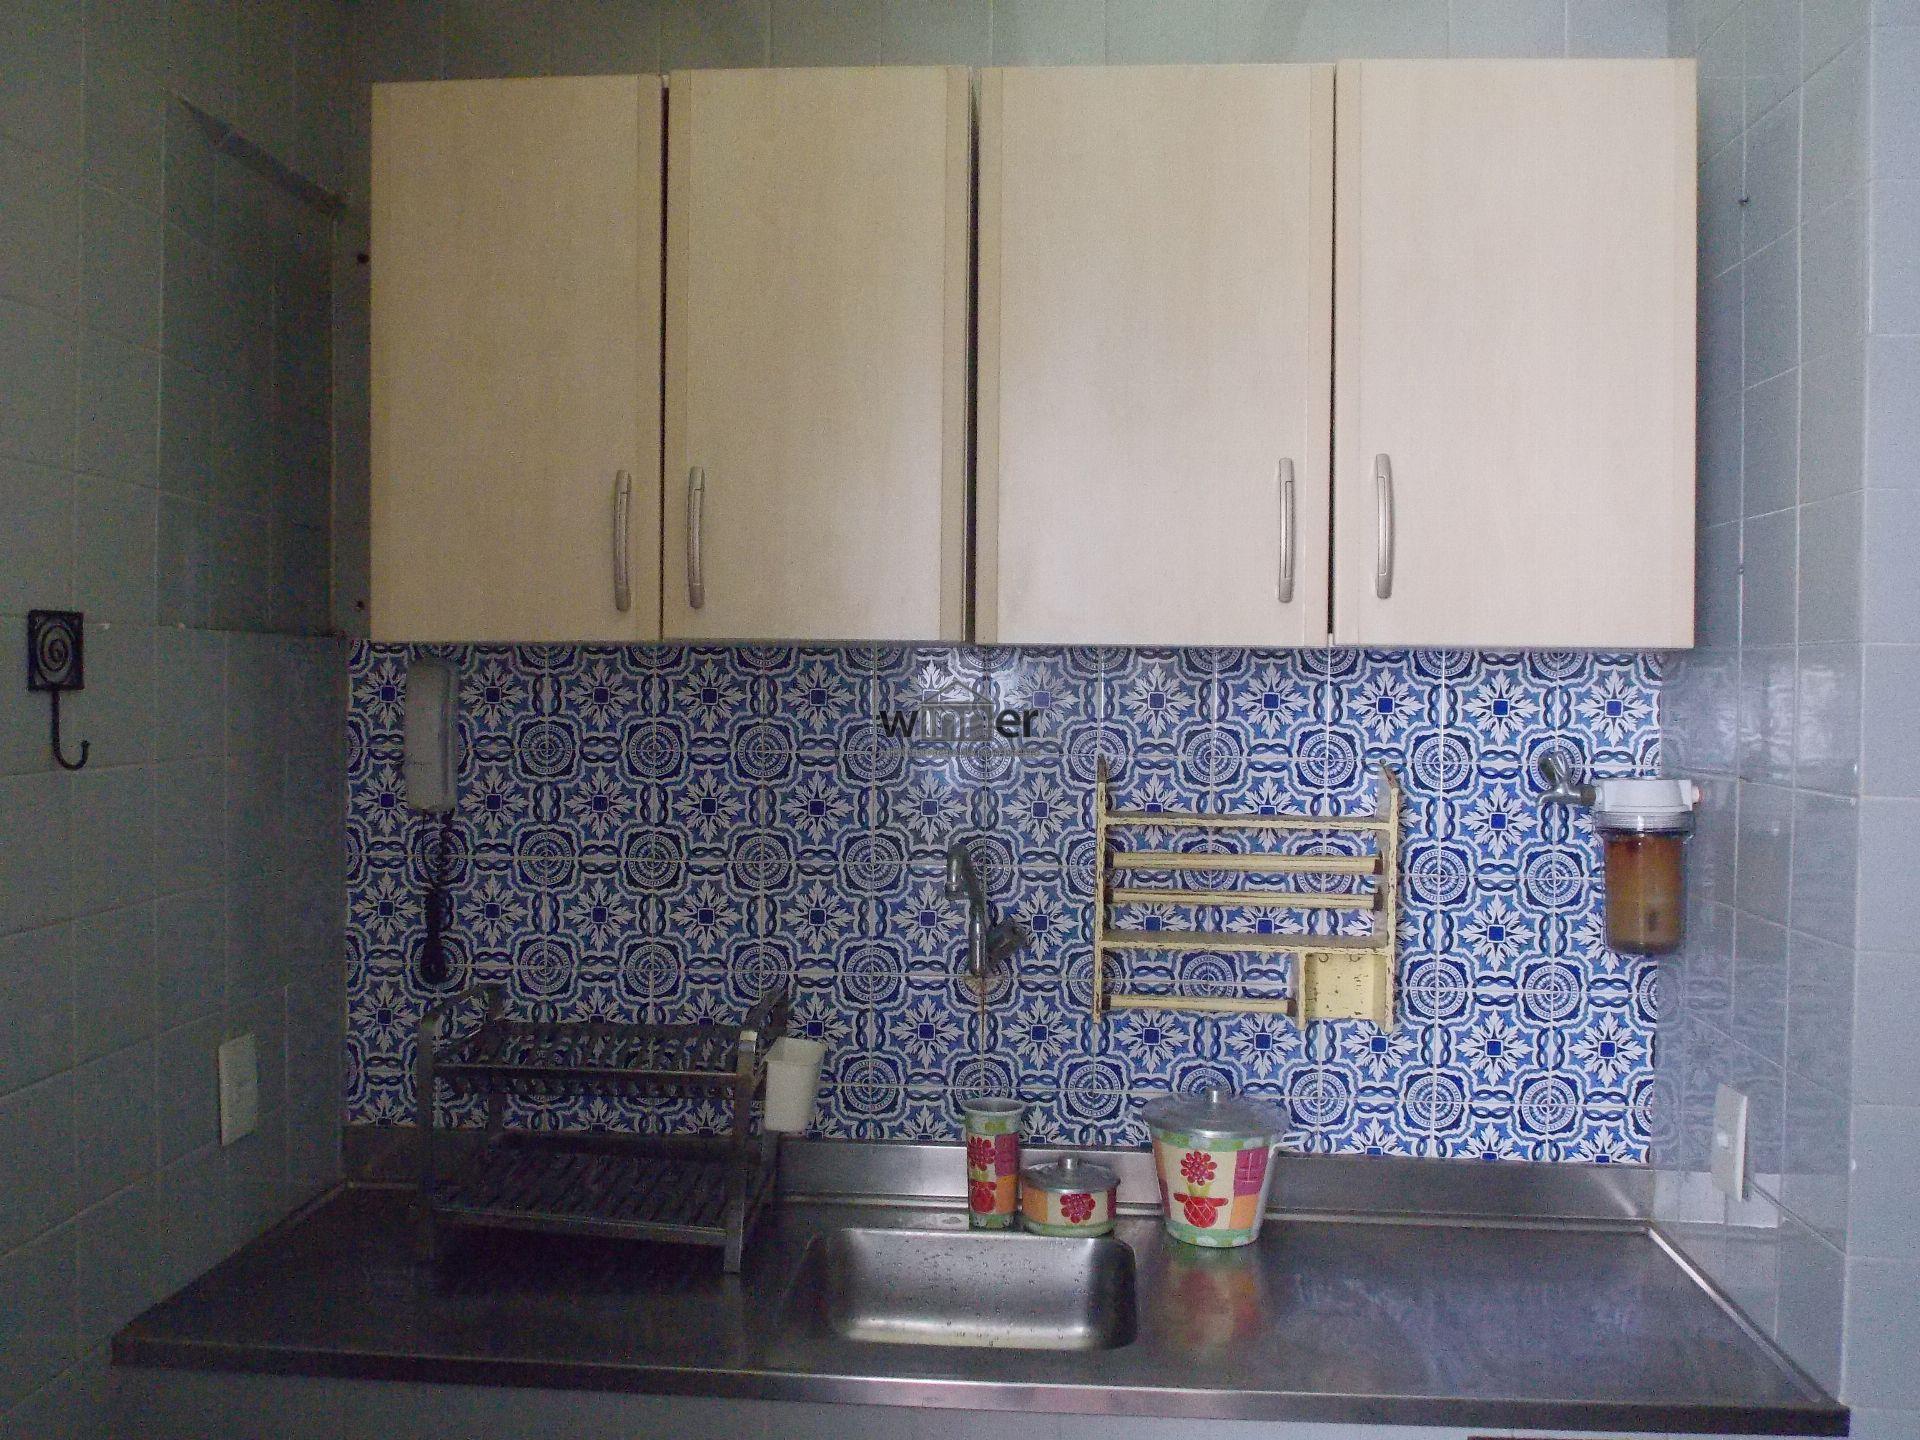 Apartamento para alugar , Santa Teresa, Rio de Janeiro, RJ - 0993-002 - 18